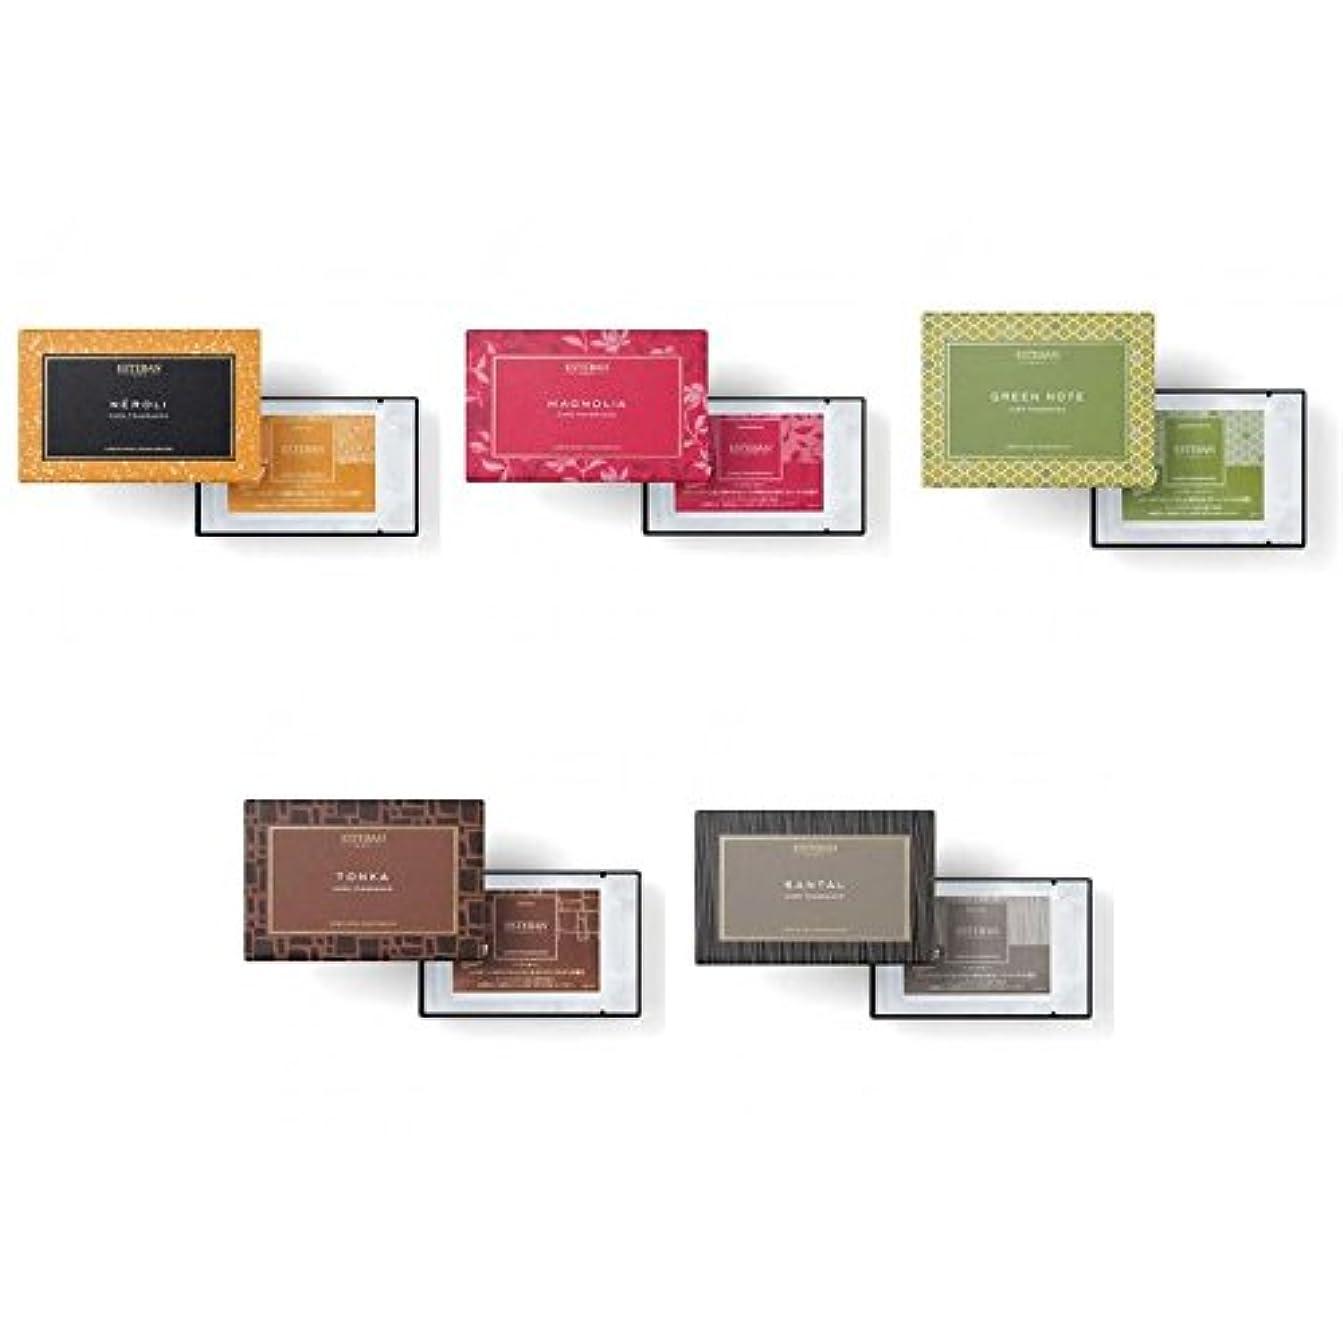 小石シンプトンセミナーエステバン カードフレグランス 5種セット